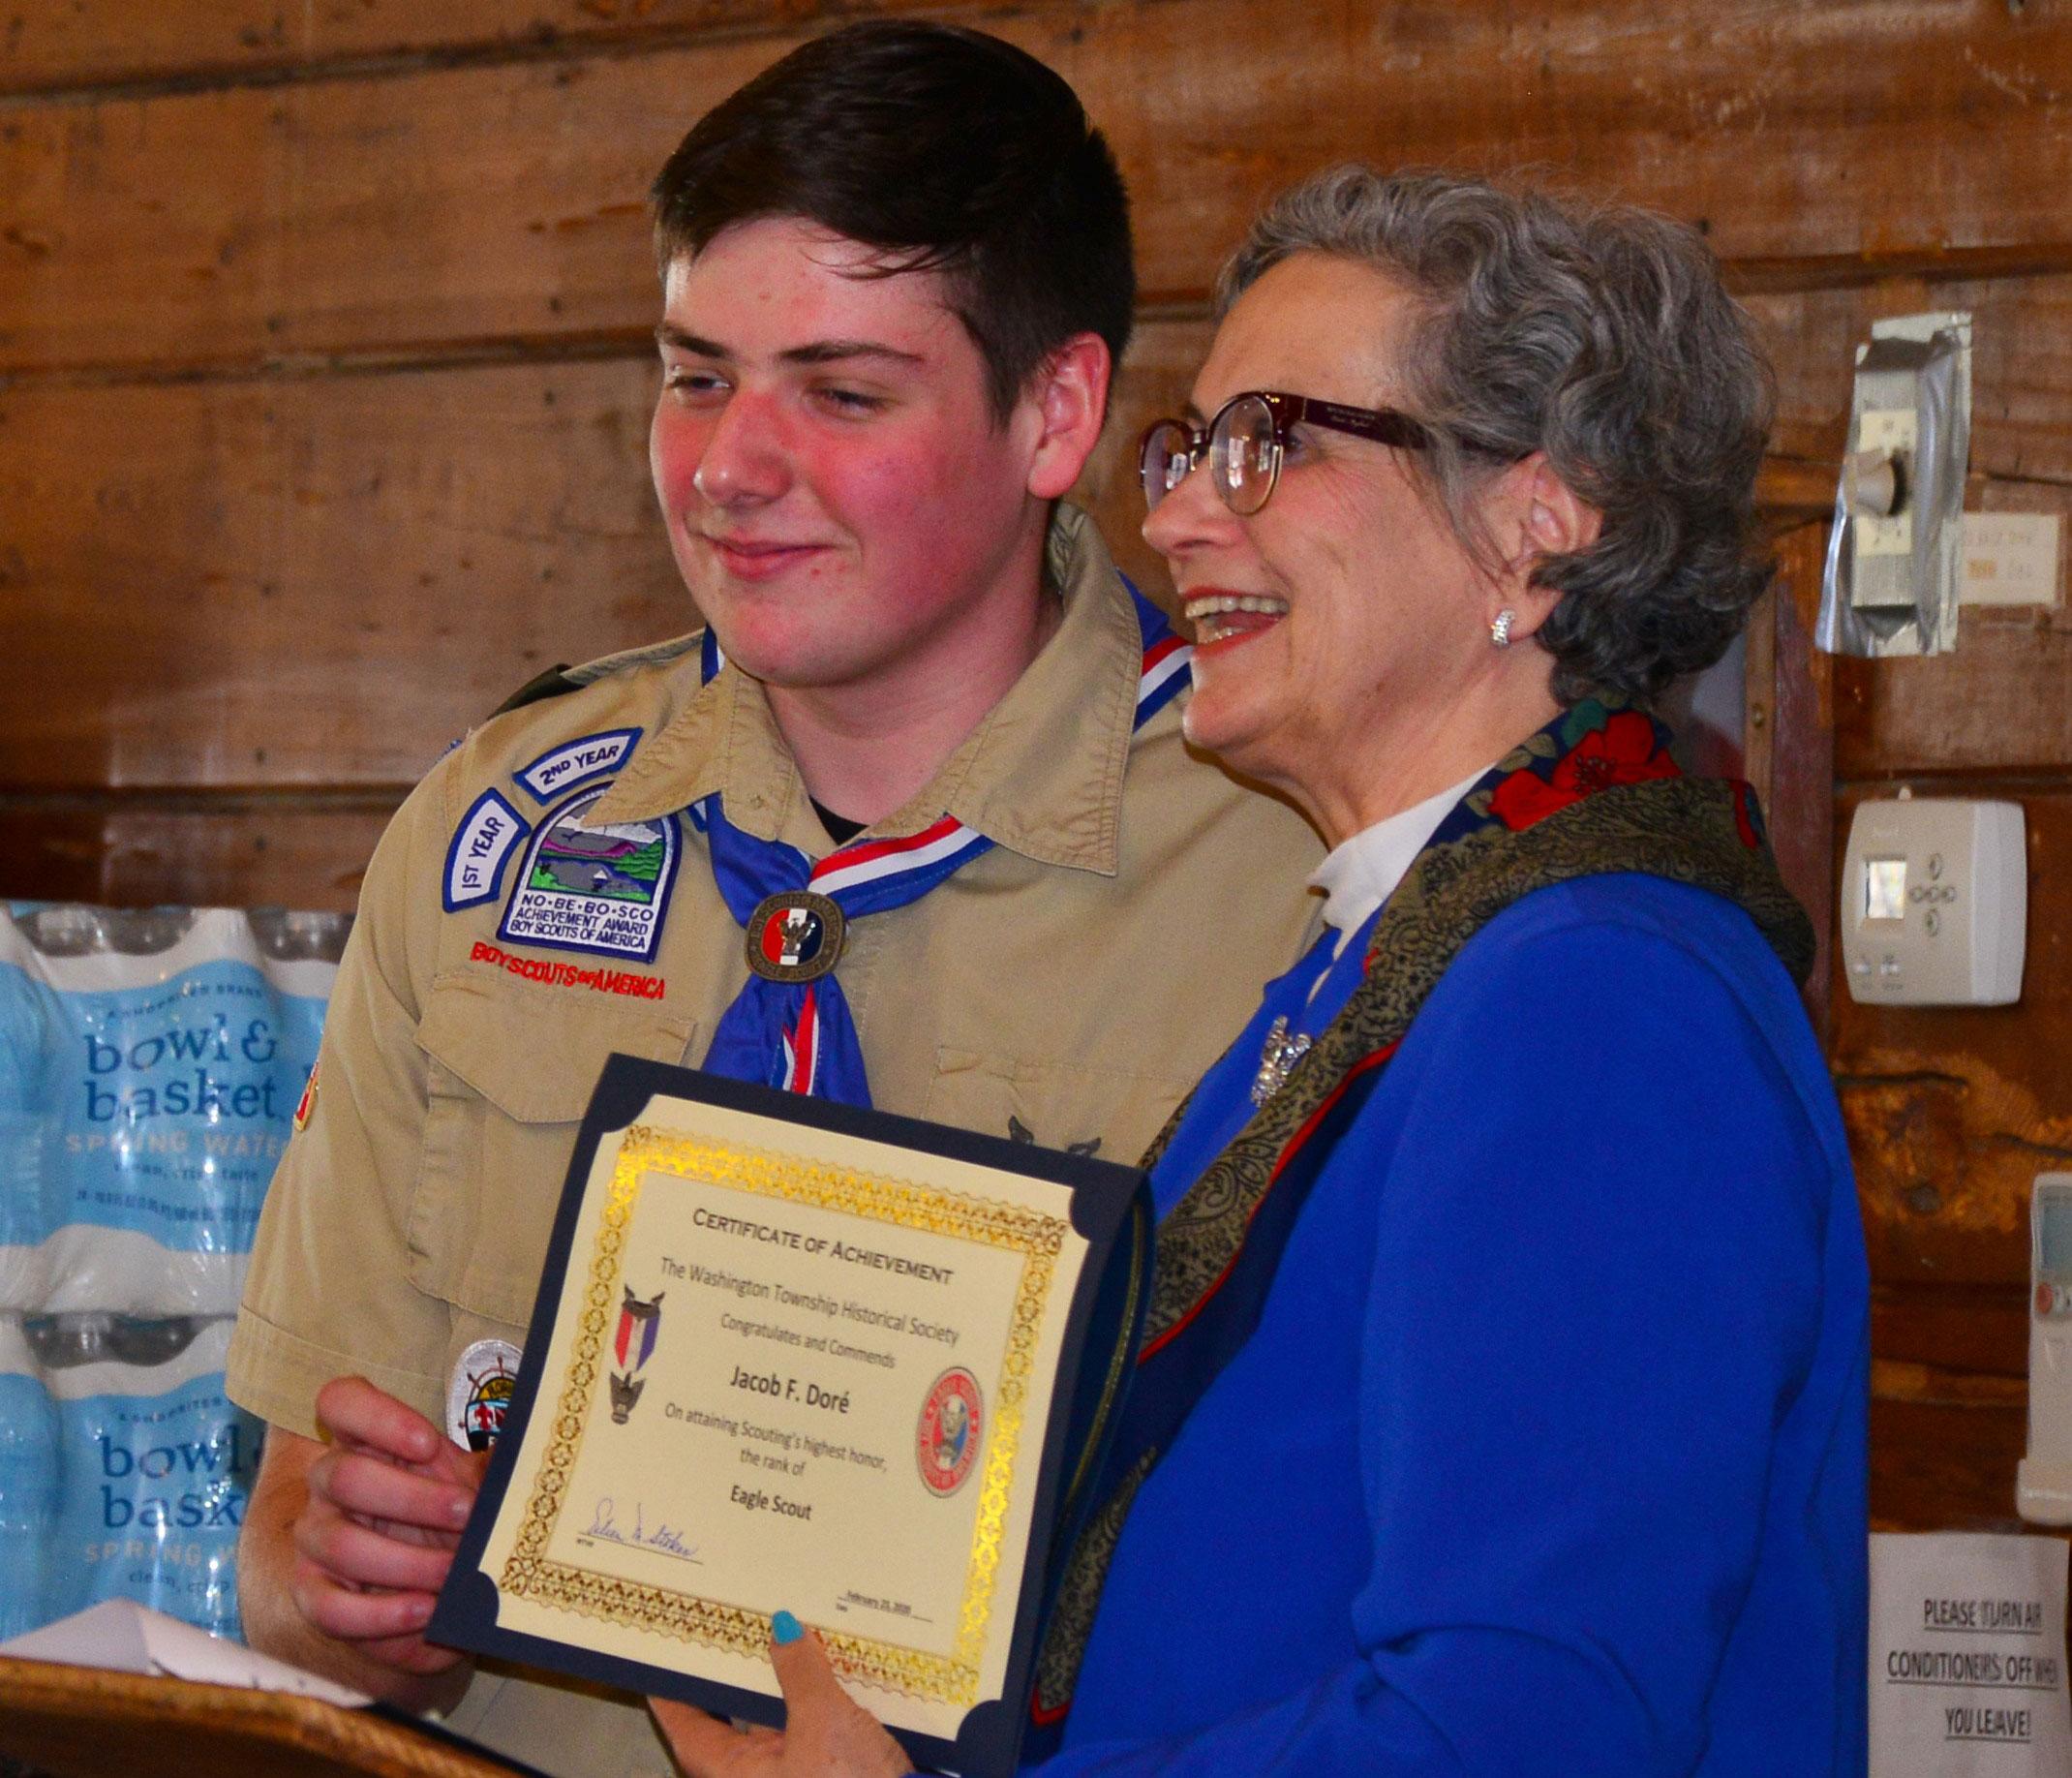 WTHS congratulates Scout Jacob Dore